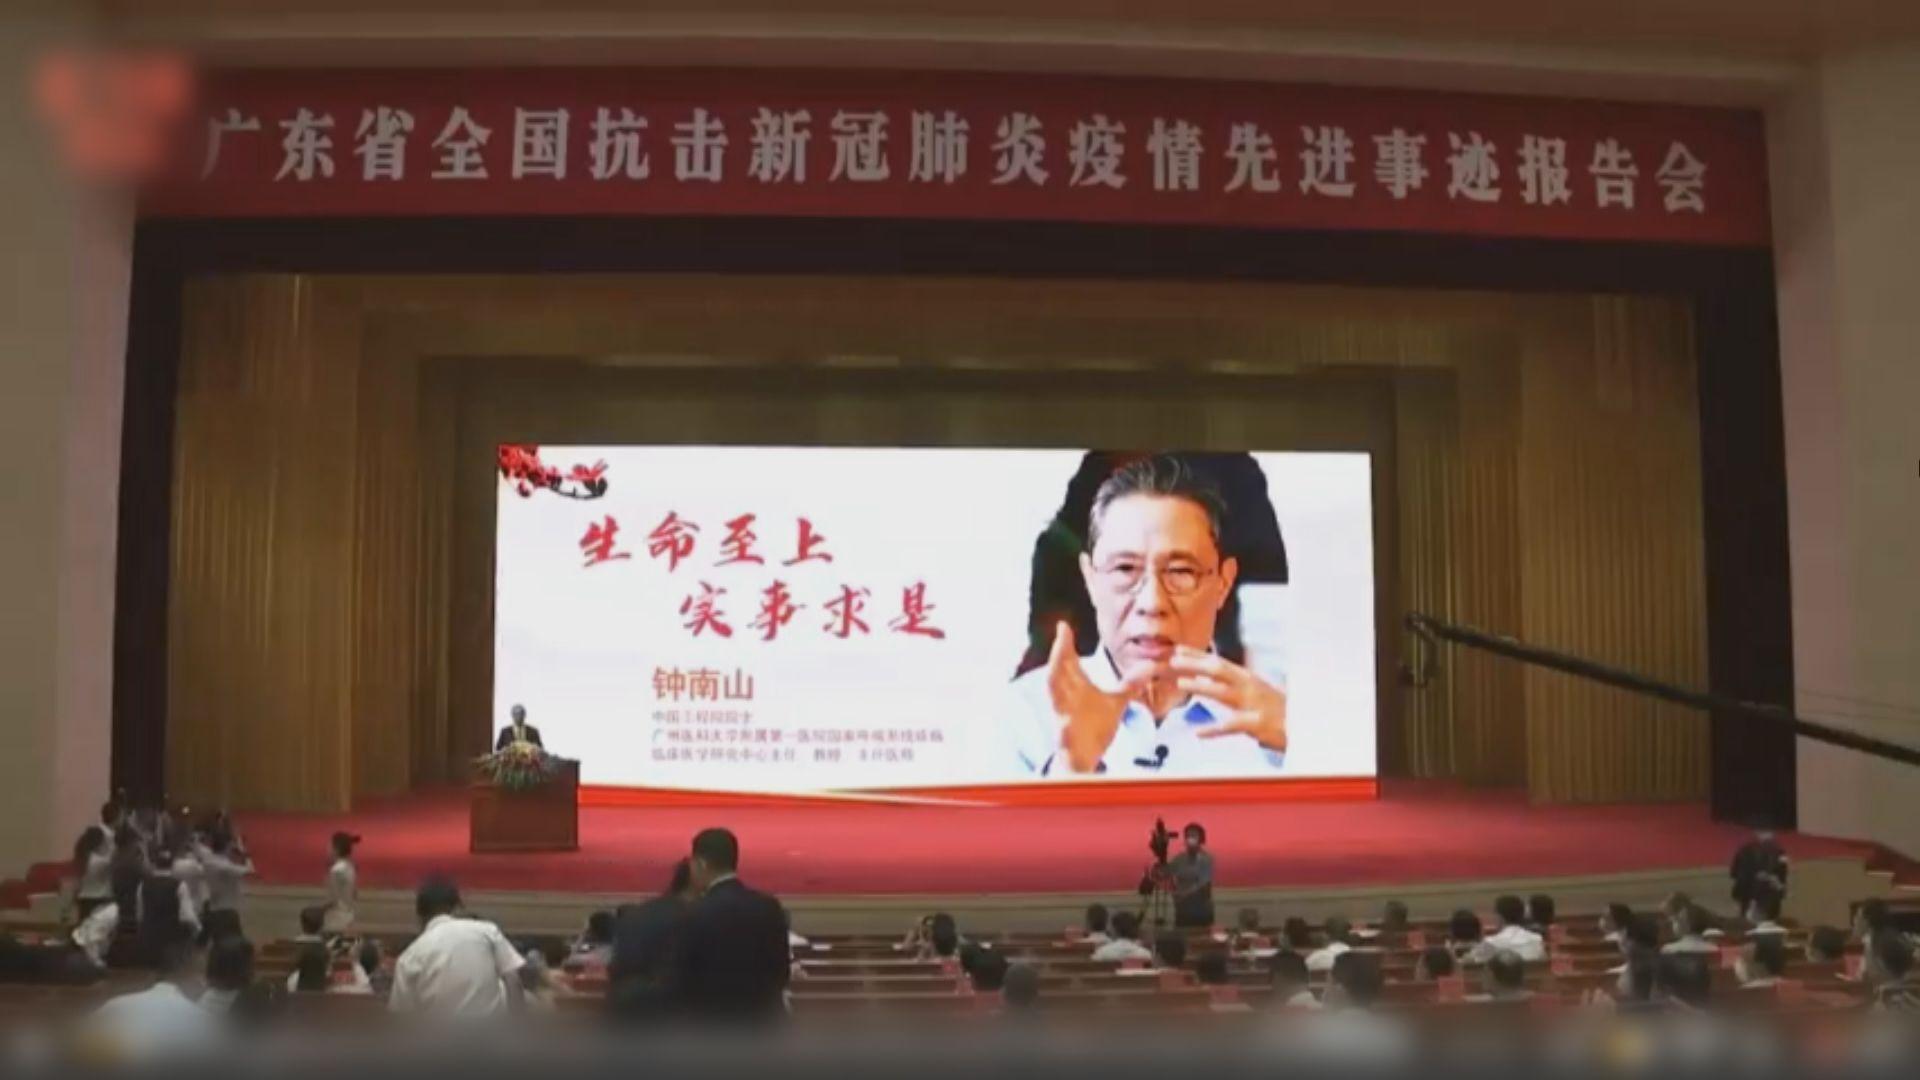 中國新冠病毒疫苗於巴基斯坦等地展開三期臨床測試